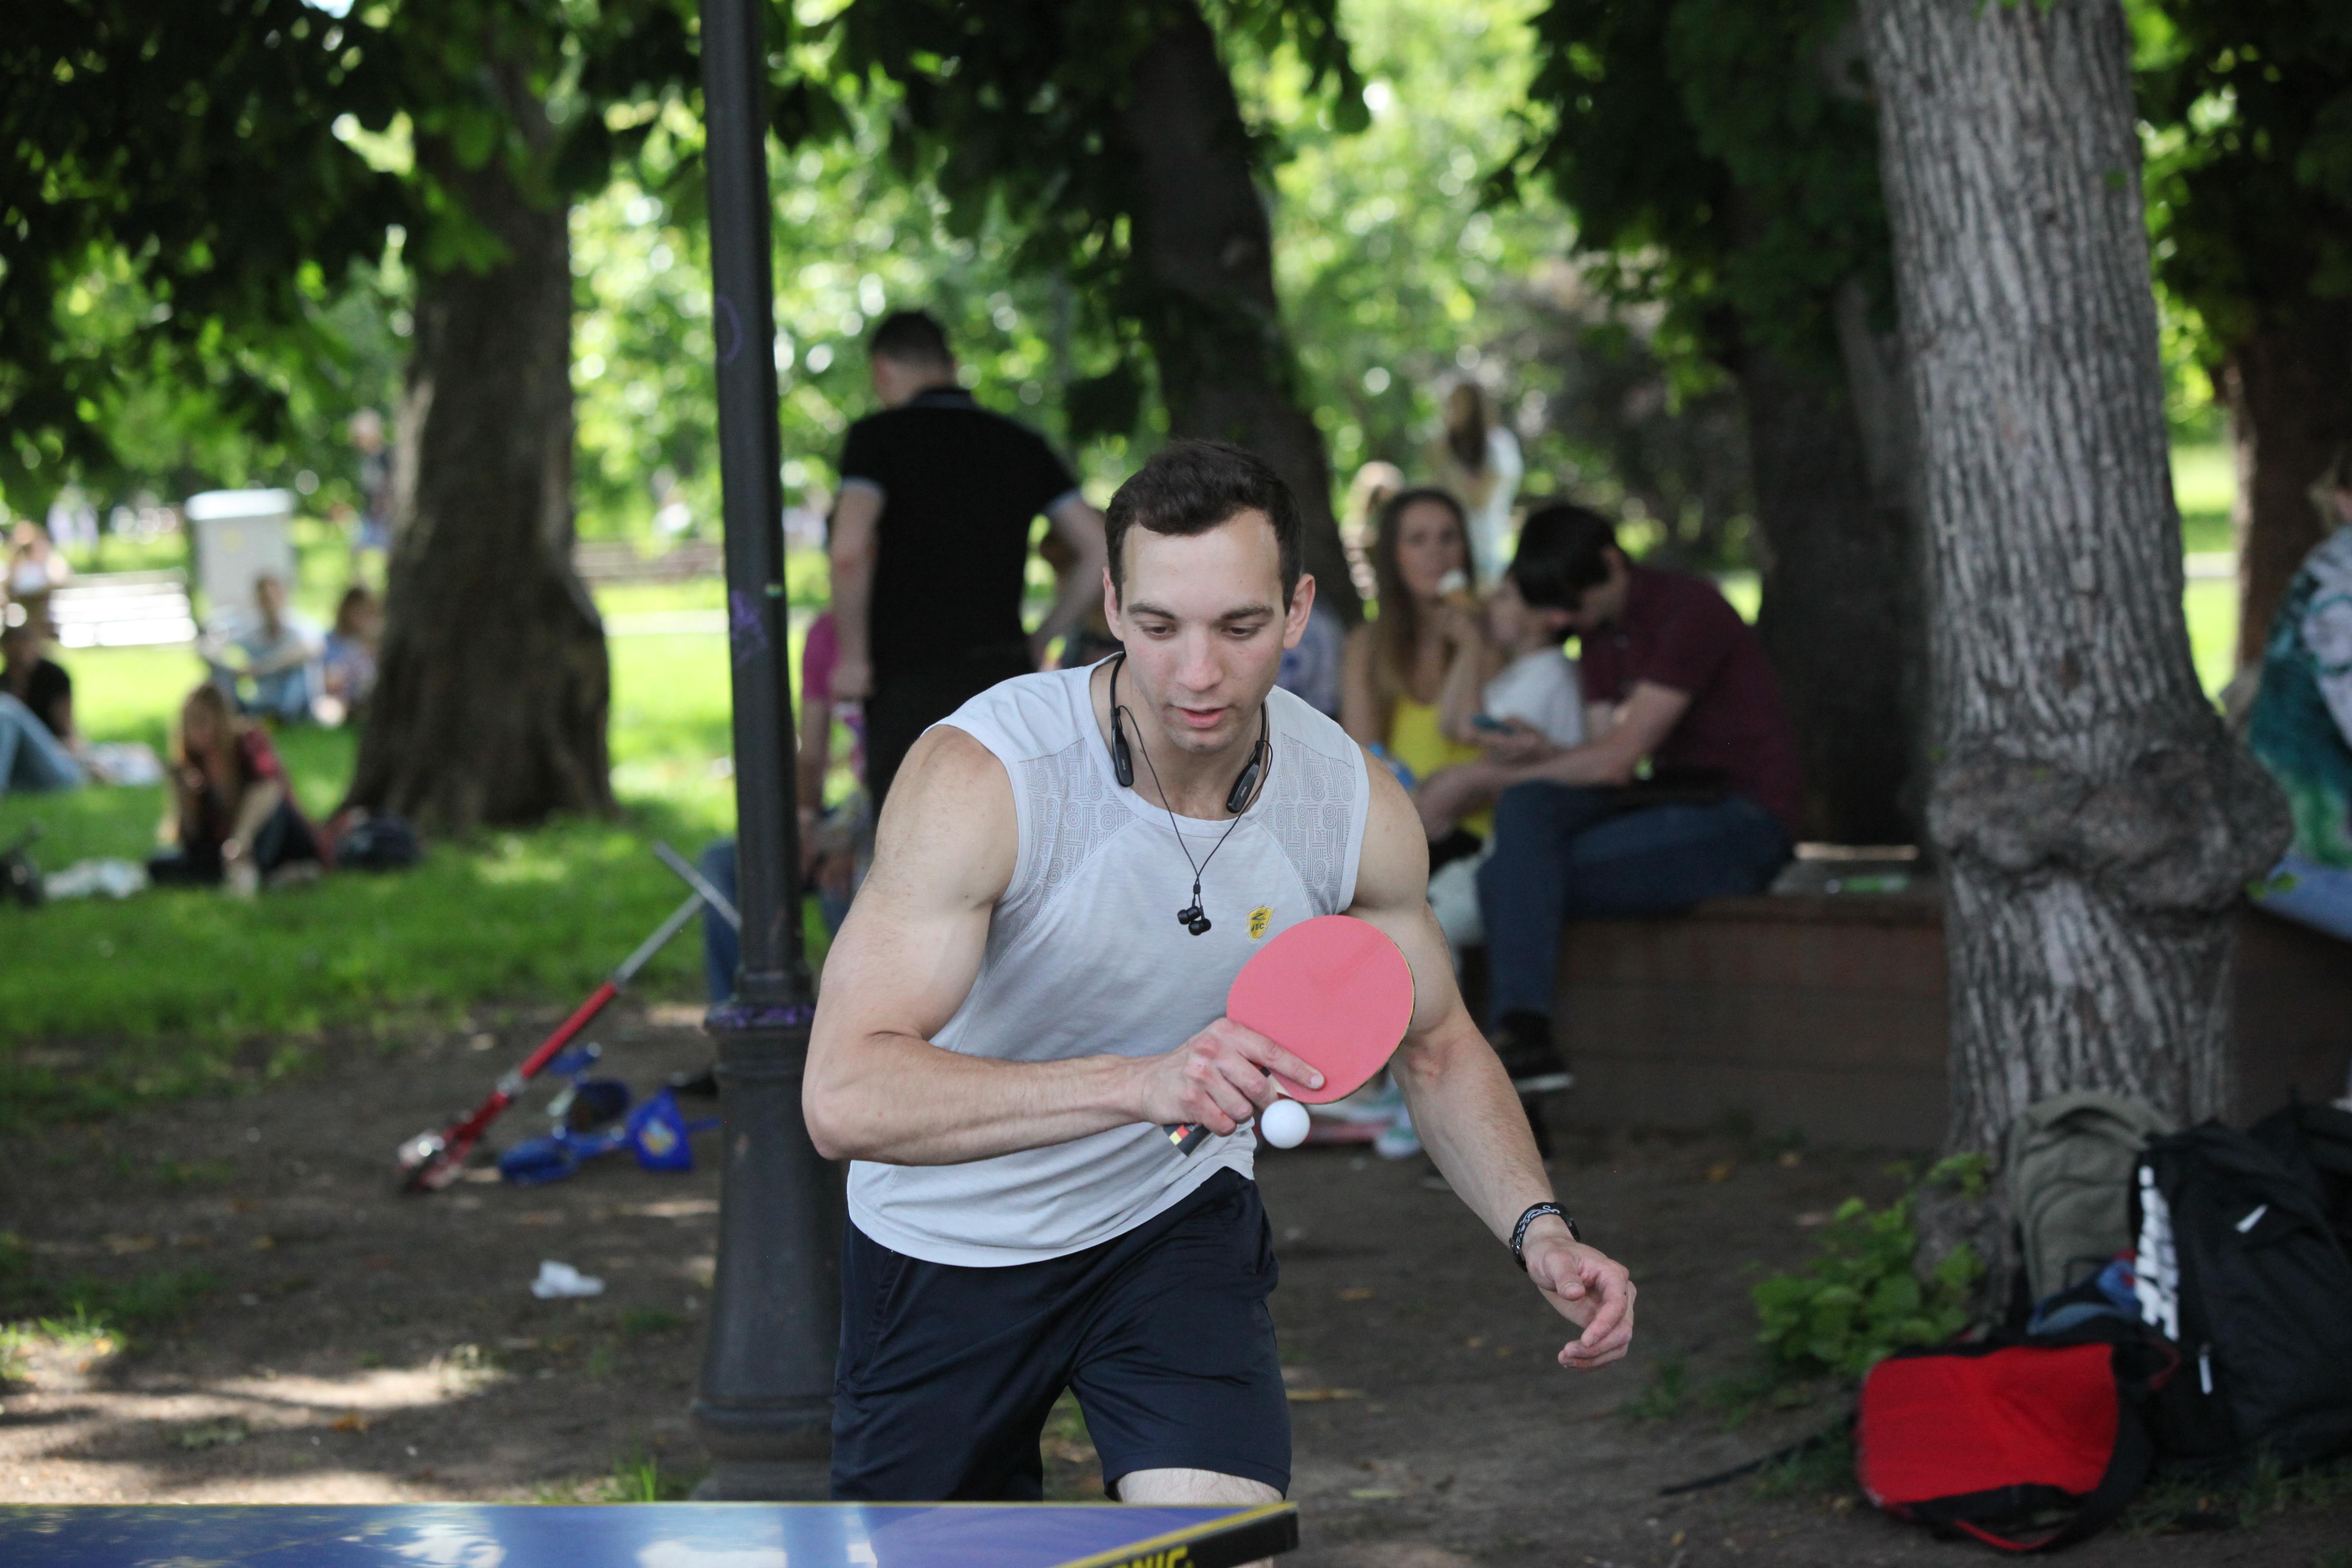 Посетитель парка во время игры в настольный теннис